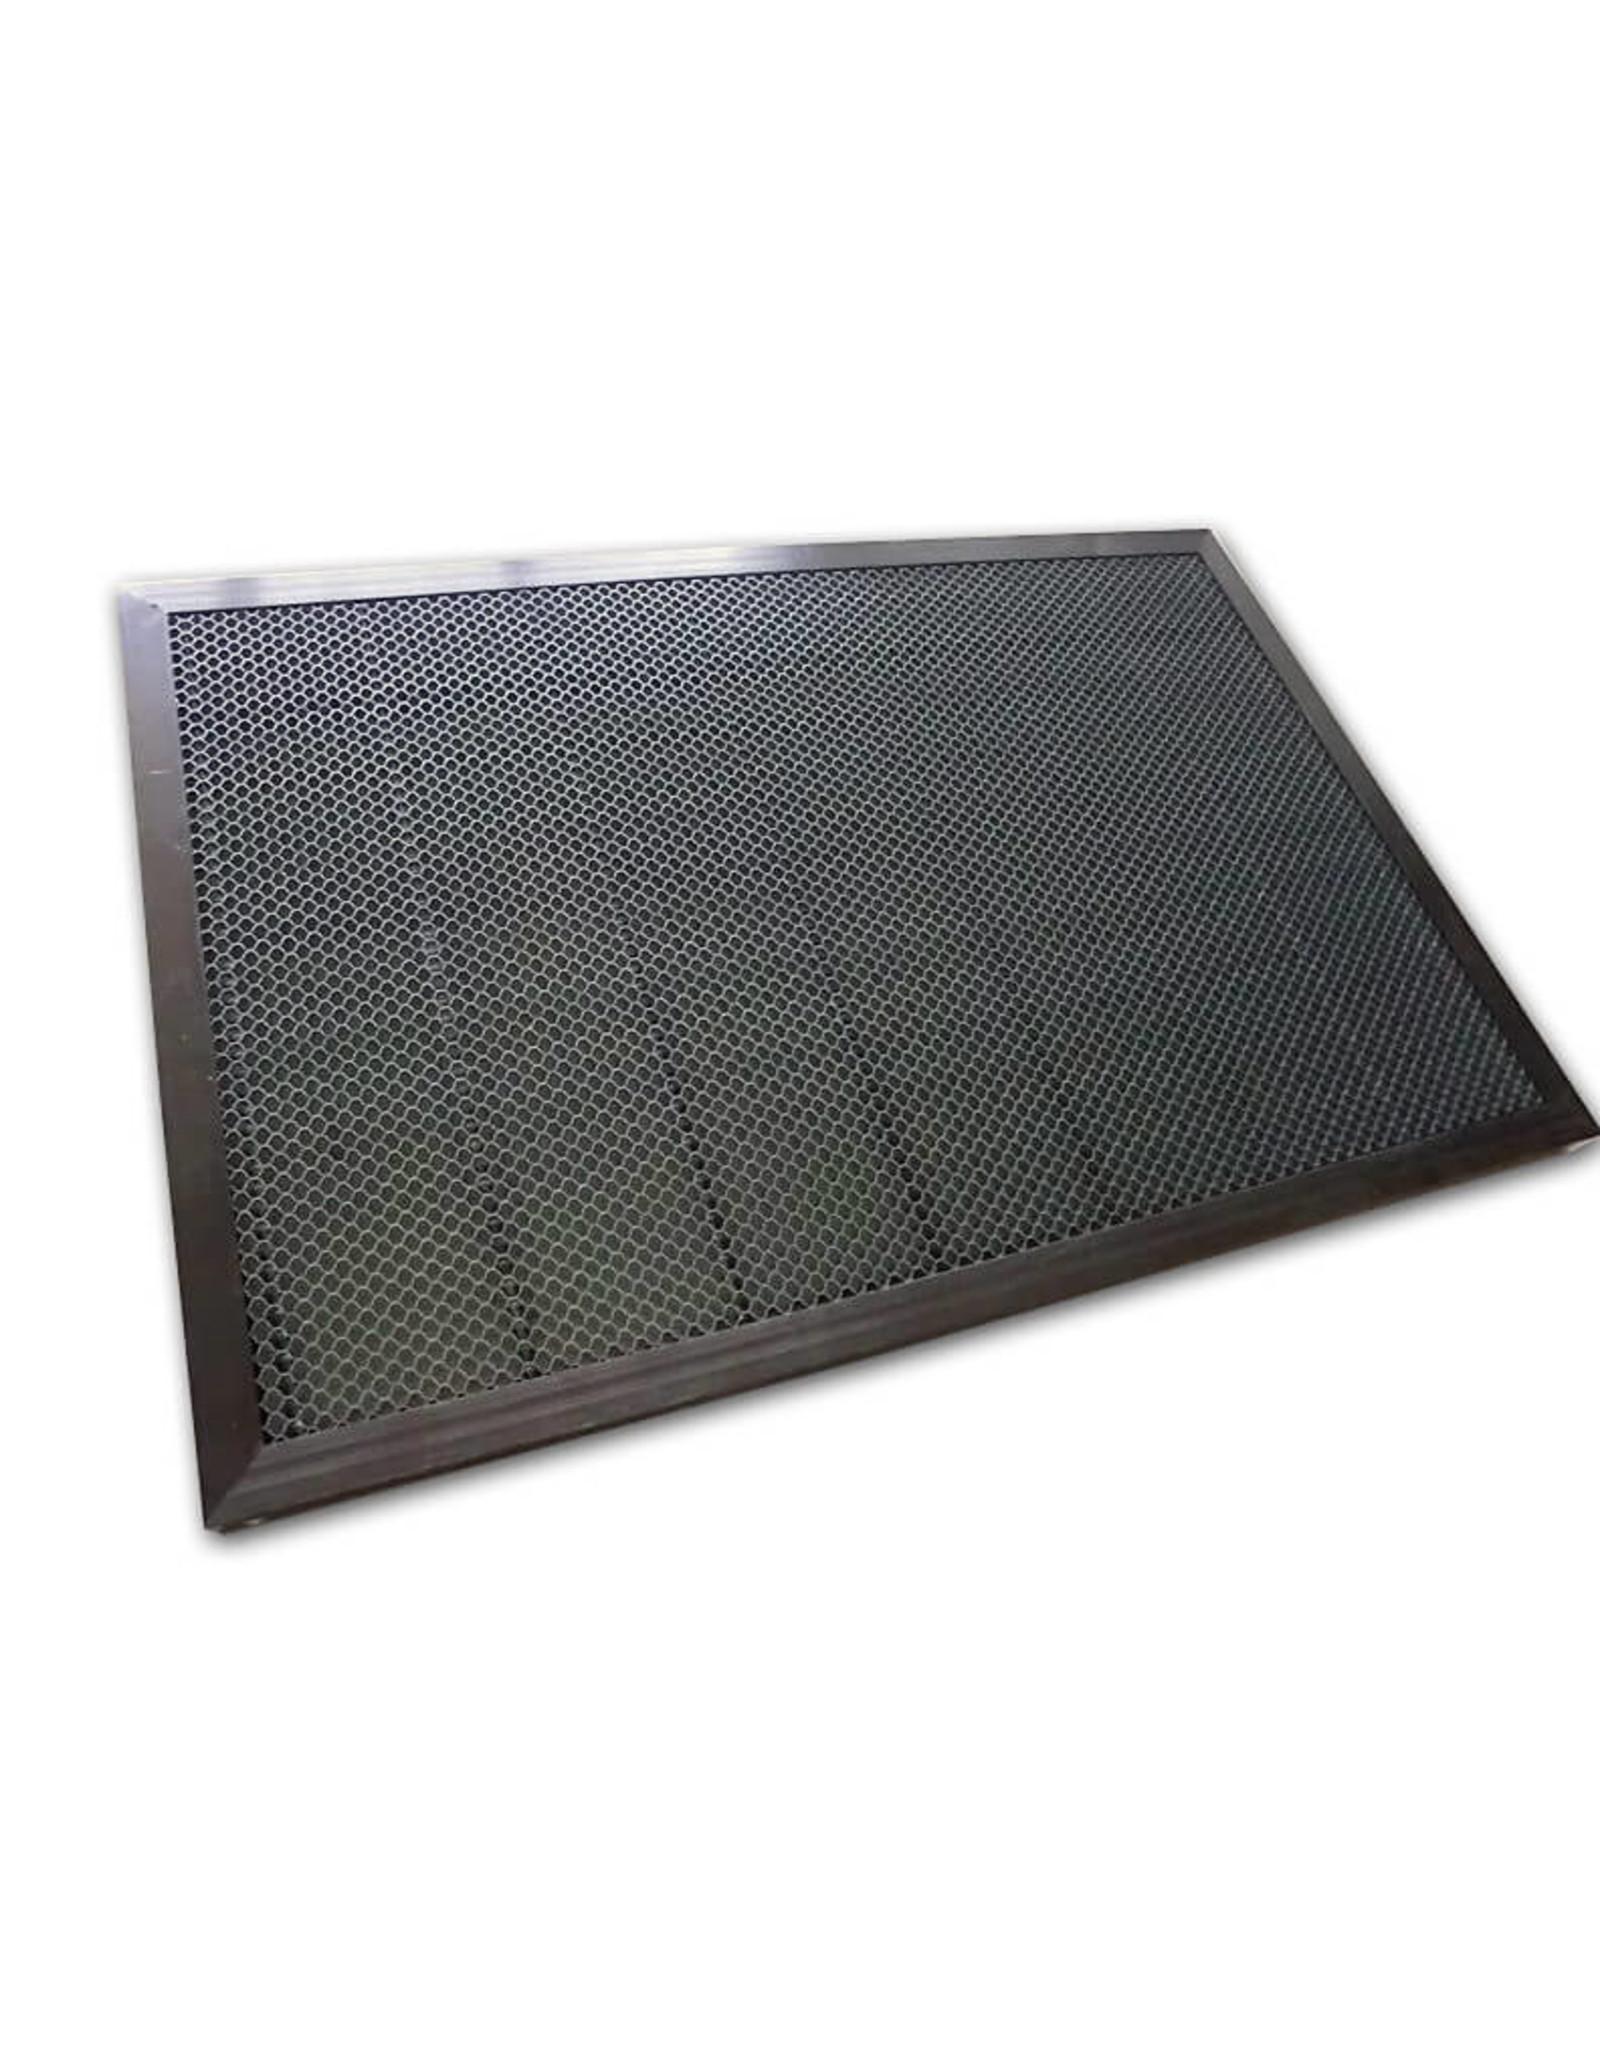 Metaquip Honeycomb bed voor CO2 laser